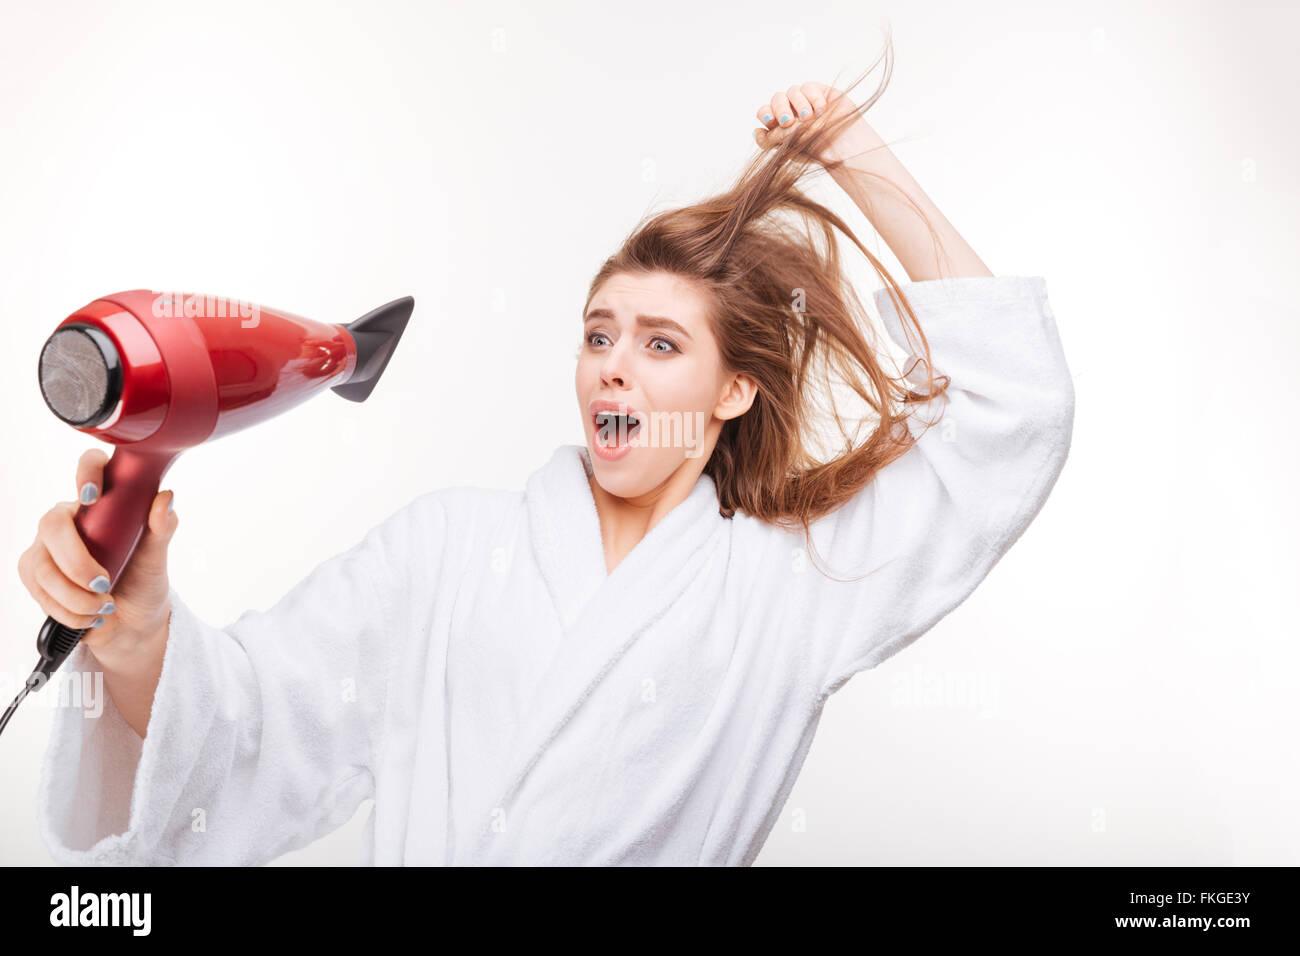 Jeune femme drôle effrayé dans ses cheveux séchage peignoir et effrayé de sèche-linge sur Photo Stock